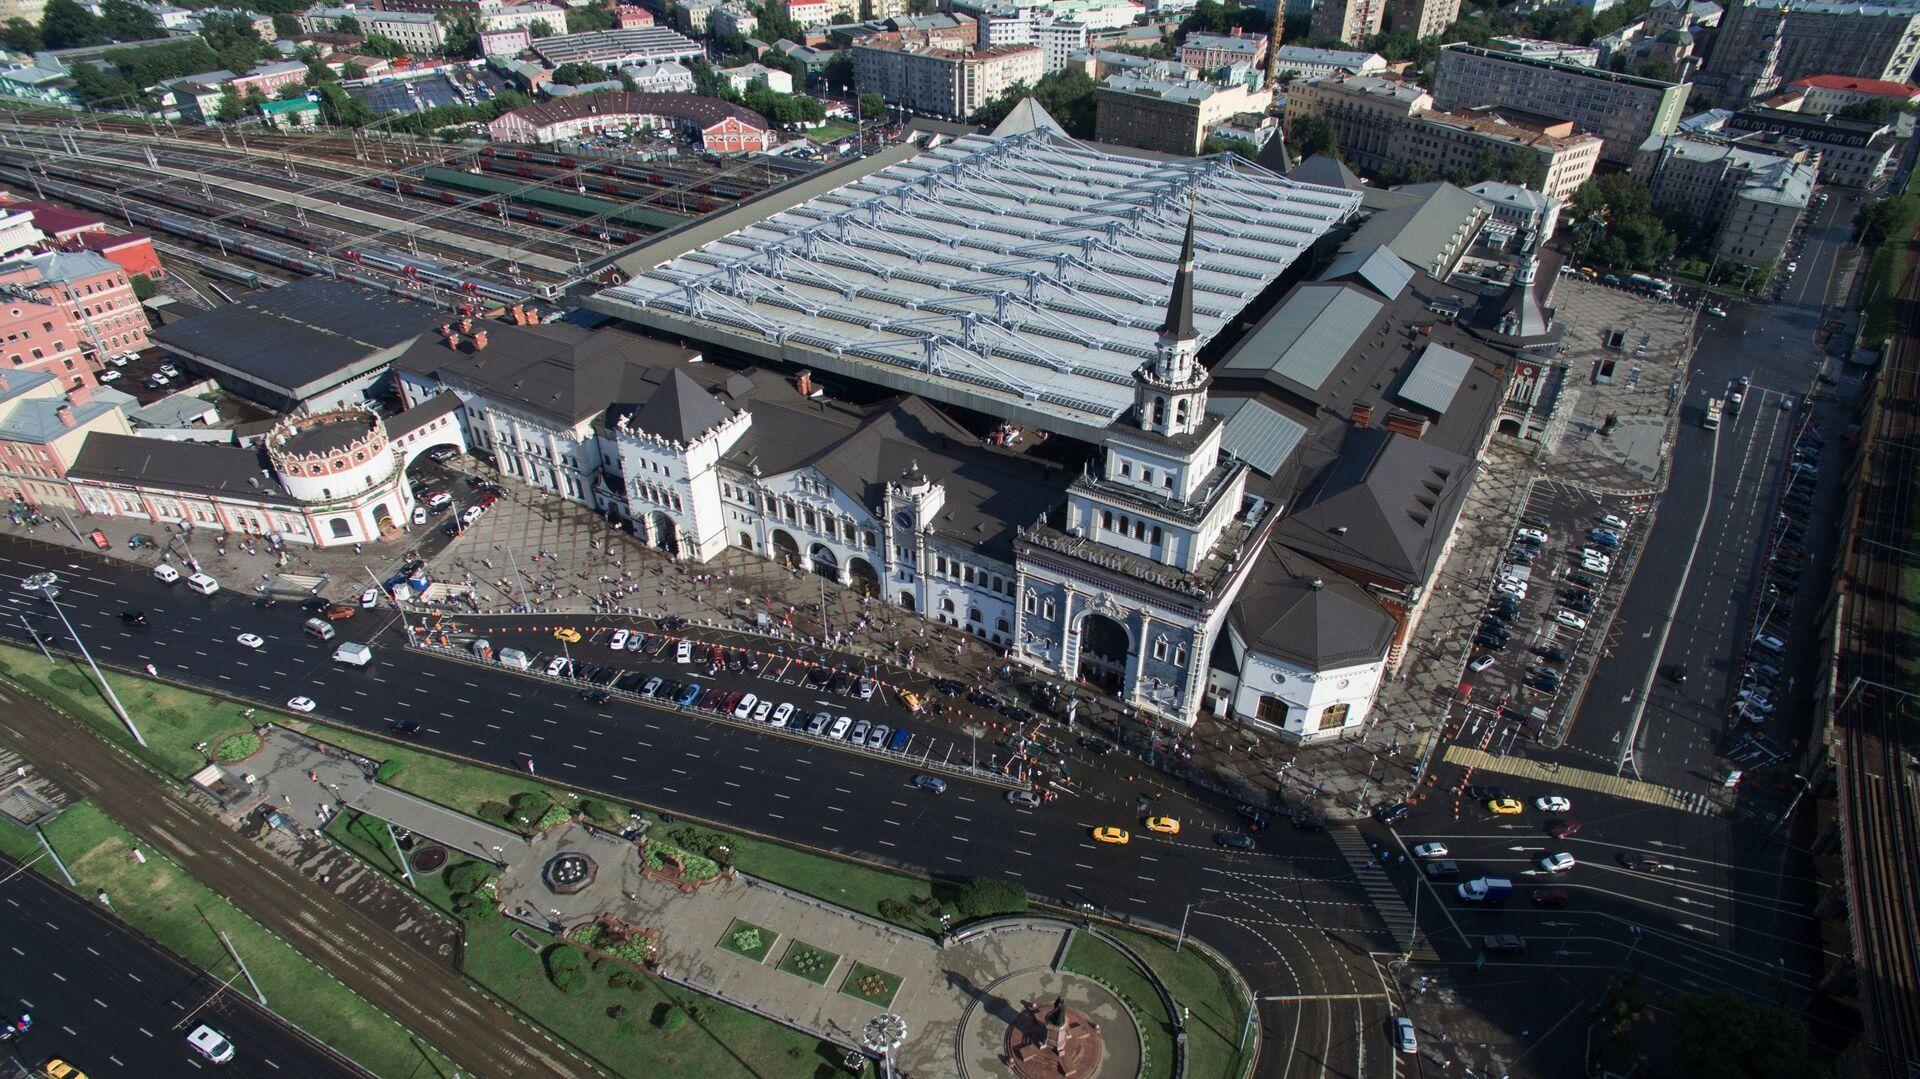 Виды Москвы с высоты птичьего полета - РИА Новости, 1920, 09.04.2021